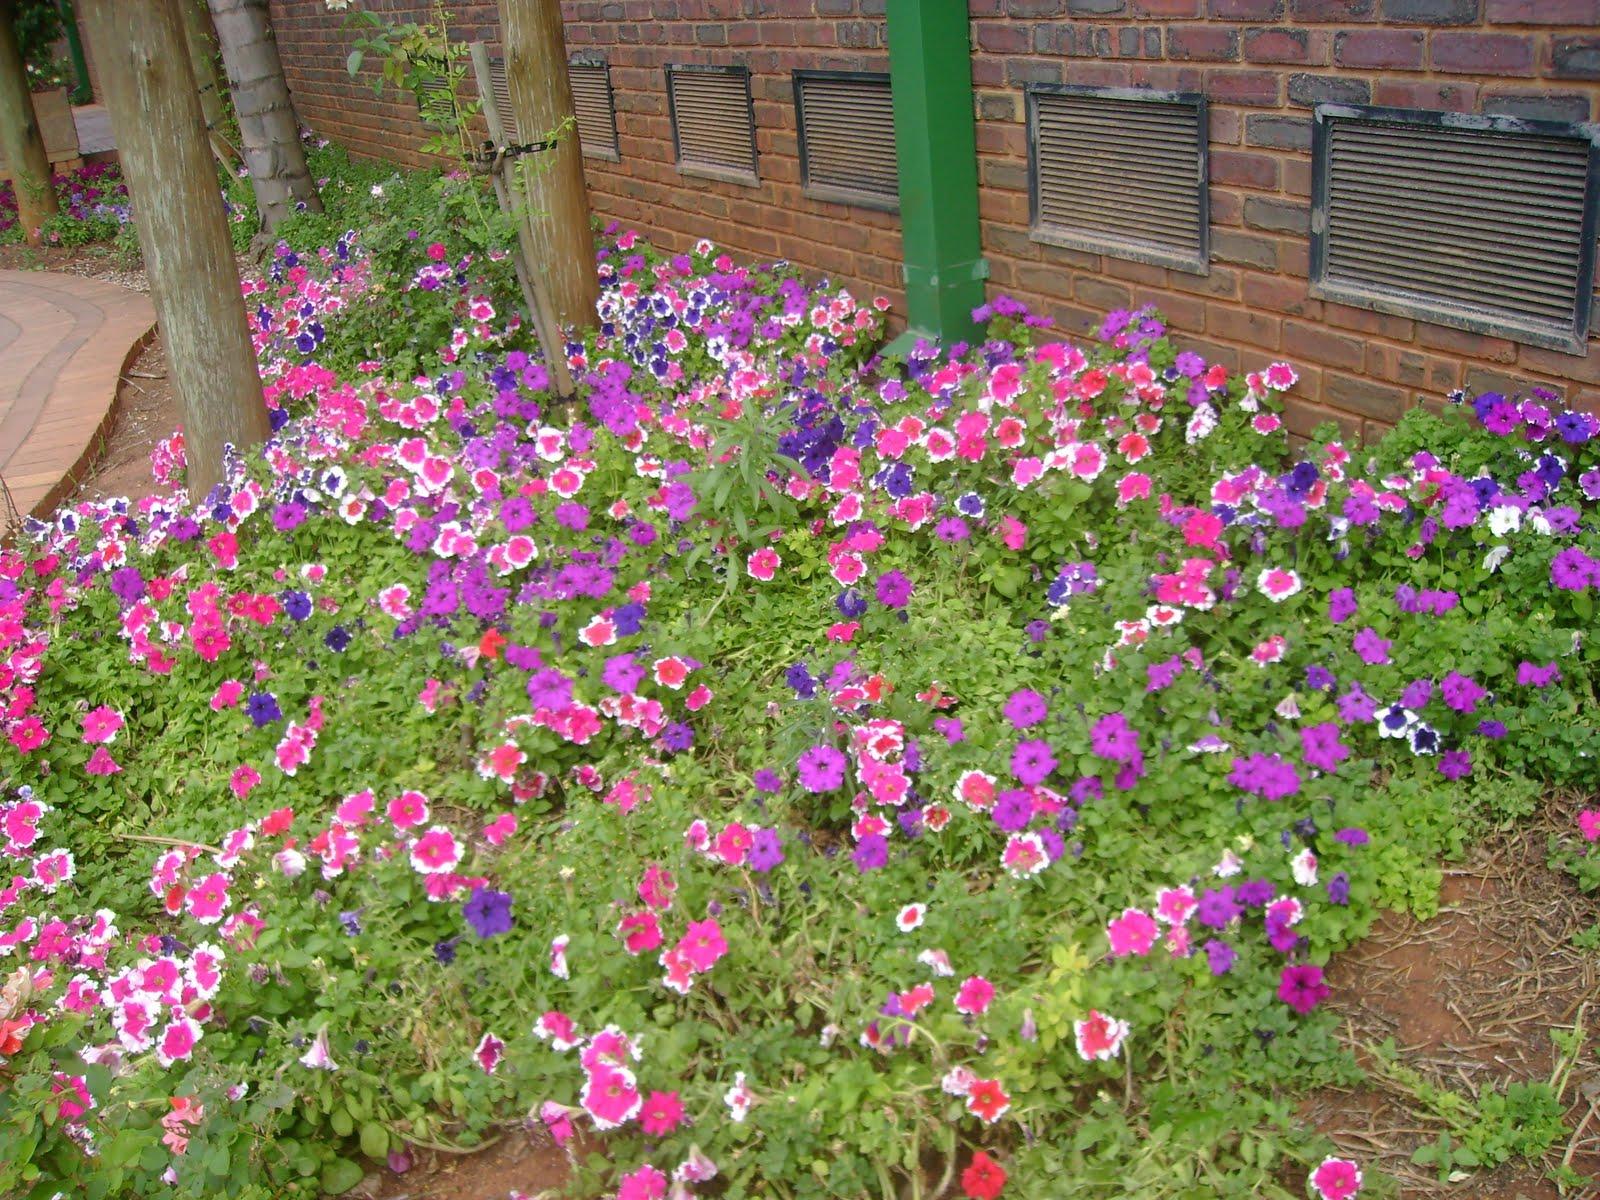 flores para jardim sol pleno: lá com o que eu me deparo?.. petúnias em pleno sol sulafricano